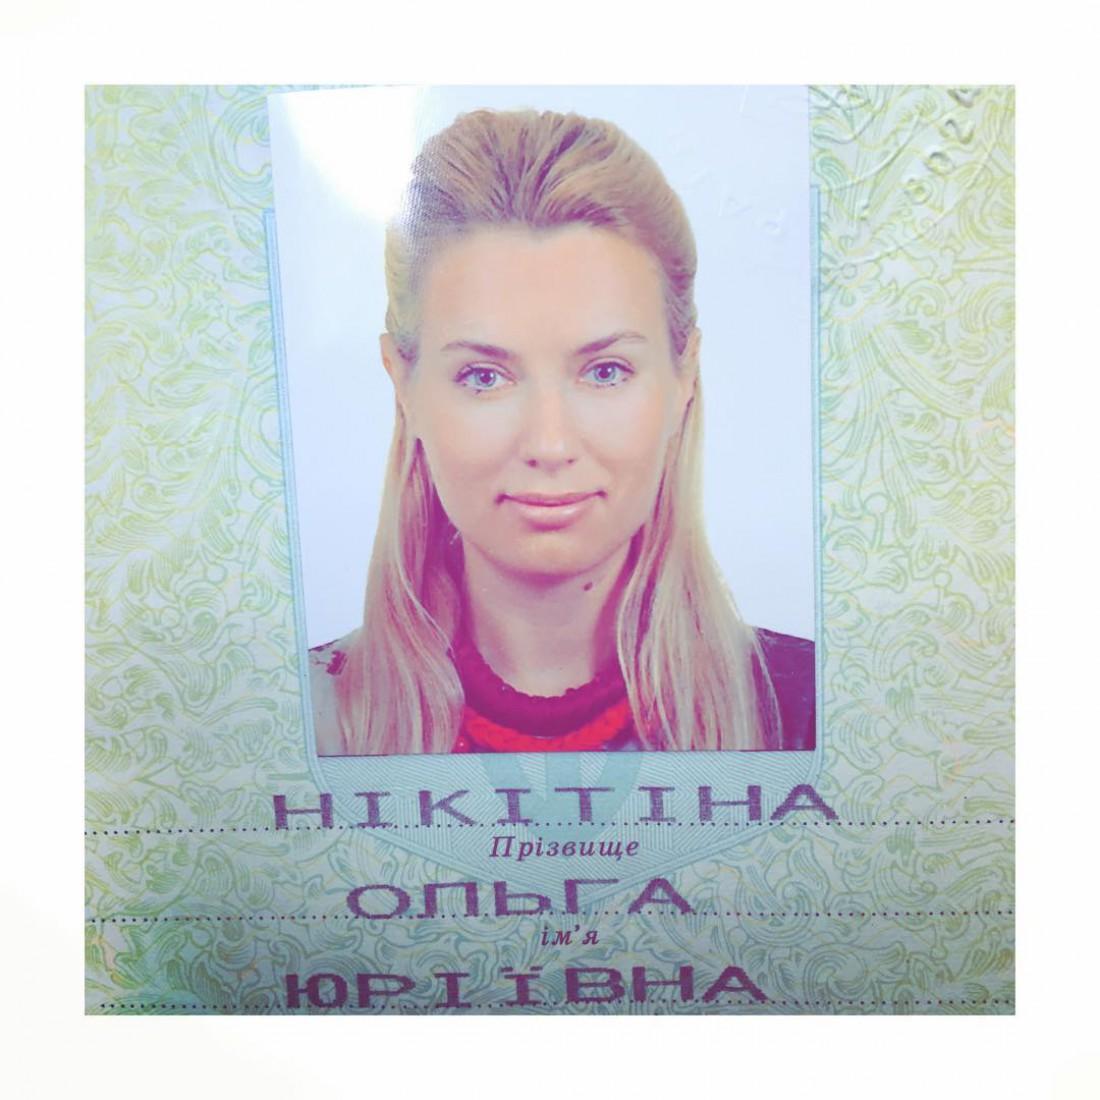 Паспорт Ольги